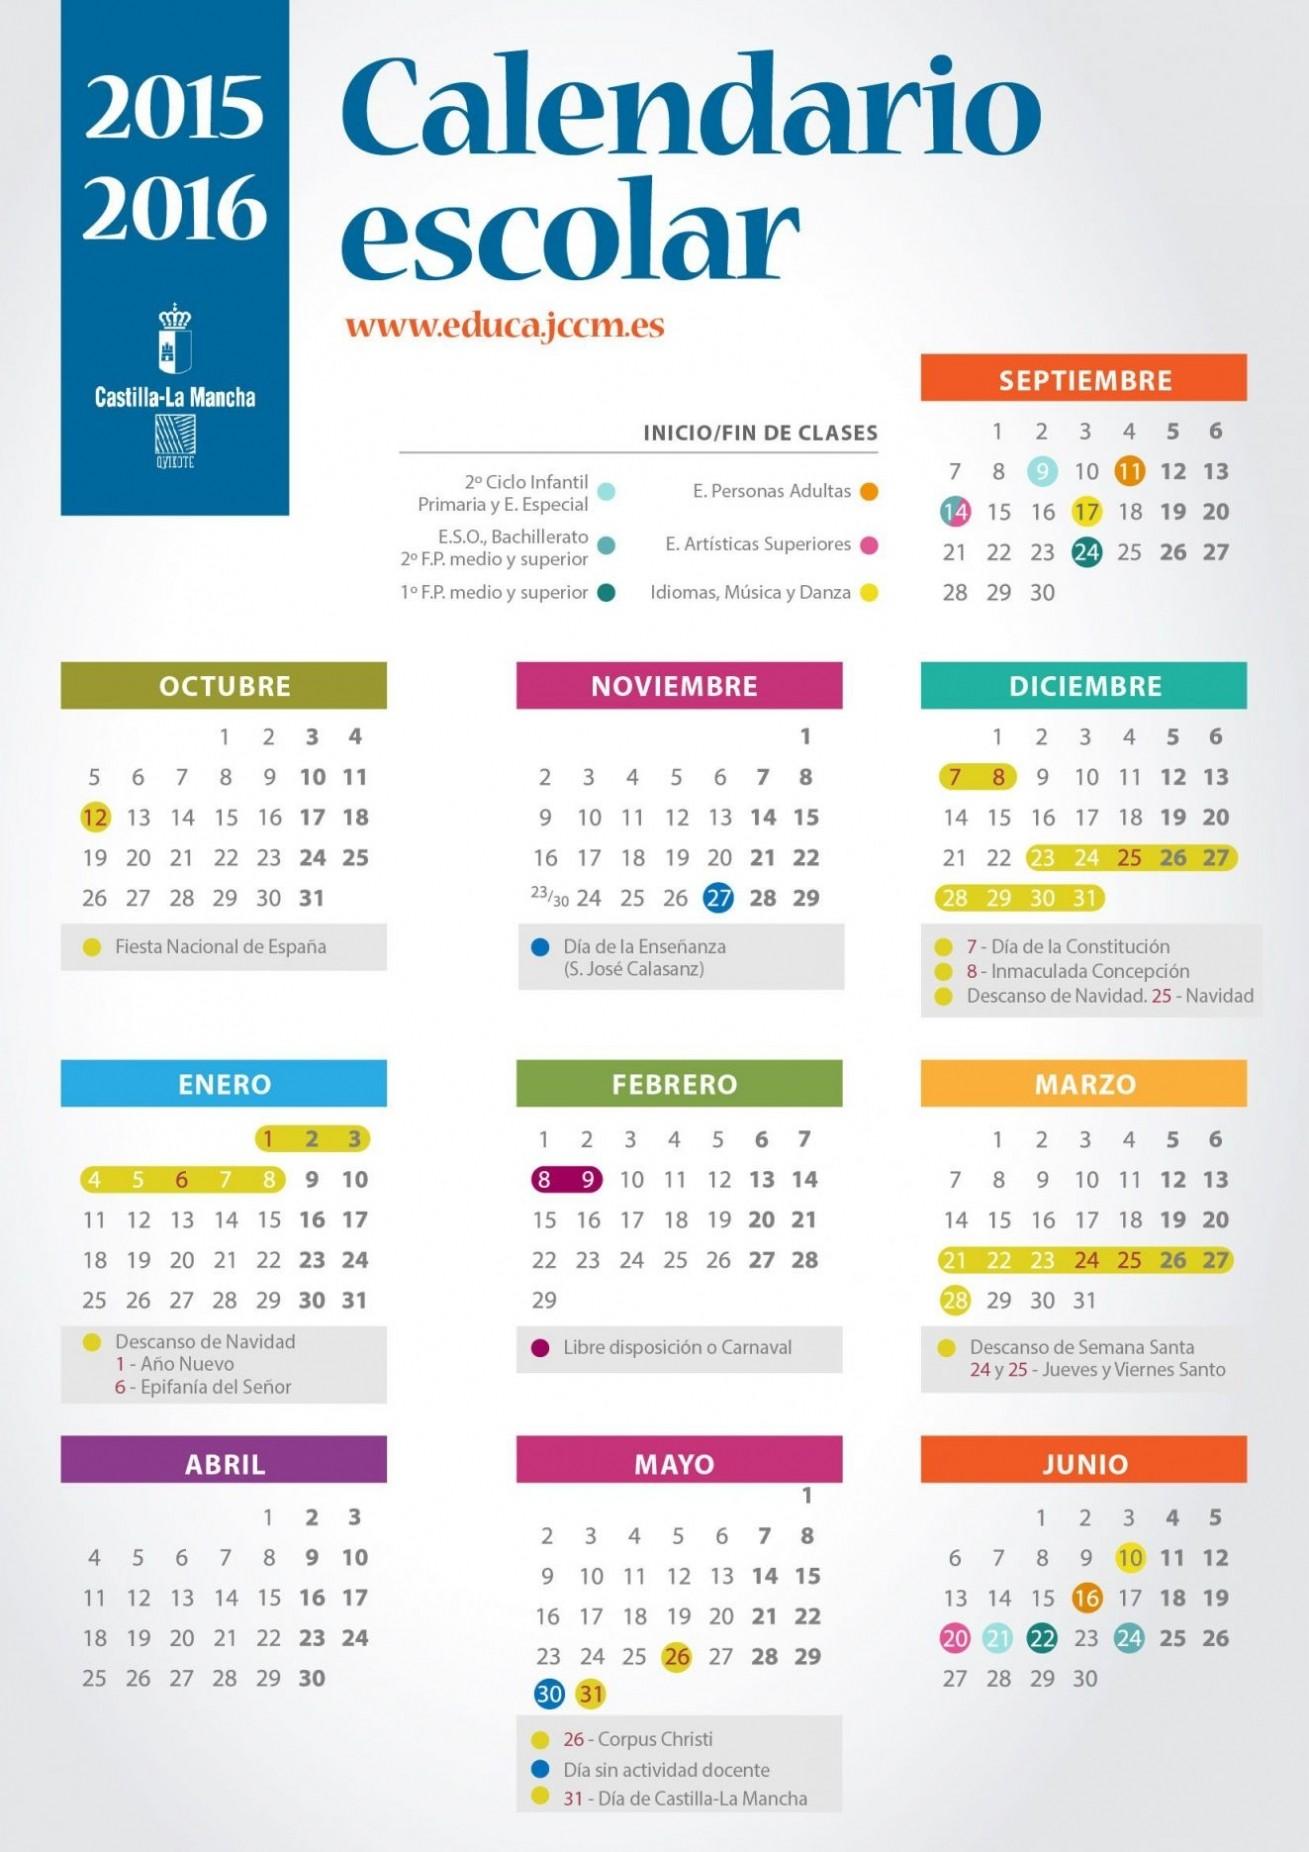 Calendario 2019 Con Feriados Colombia Más Caliente Greatest Calendario Colombia Con Festivos 2017 Qc75 – Documentaries Of Calendario 2019 Con Feriados Colombia Más Recientemente Liberado Best Calendario Mes De Octubre Y Noviembre 2018 Image Collection